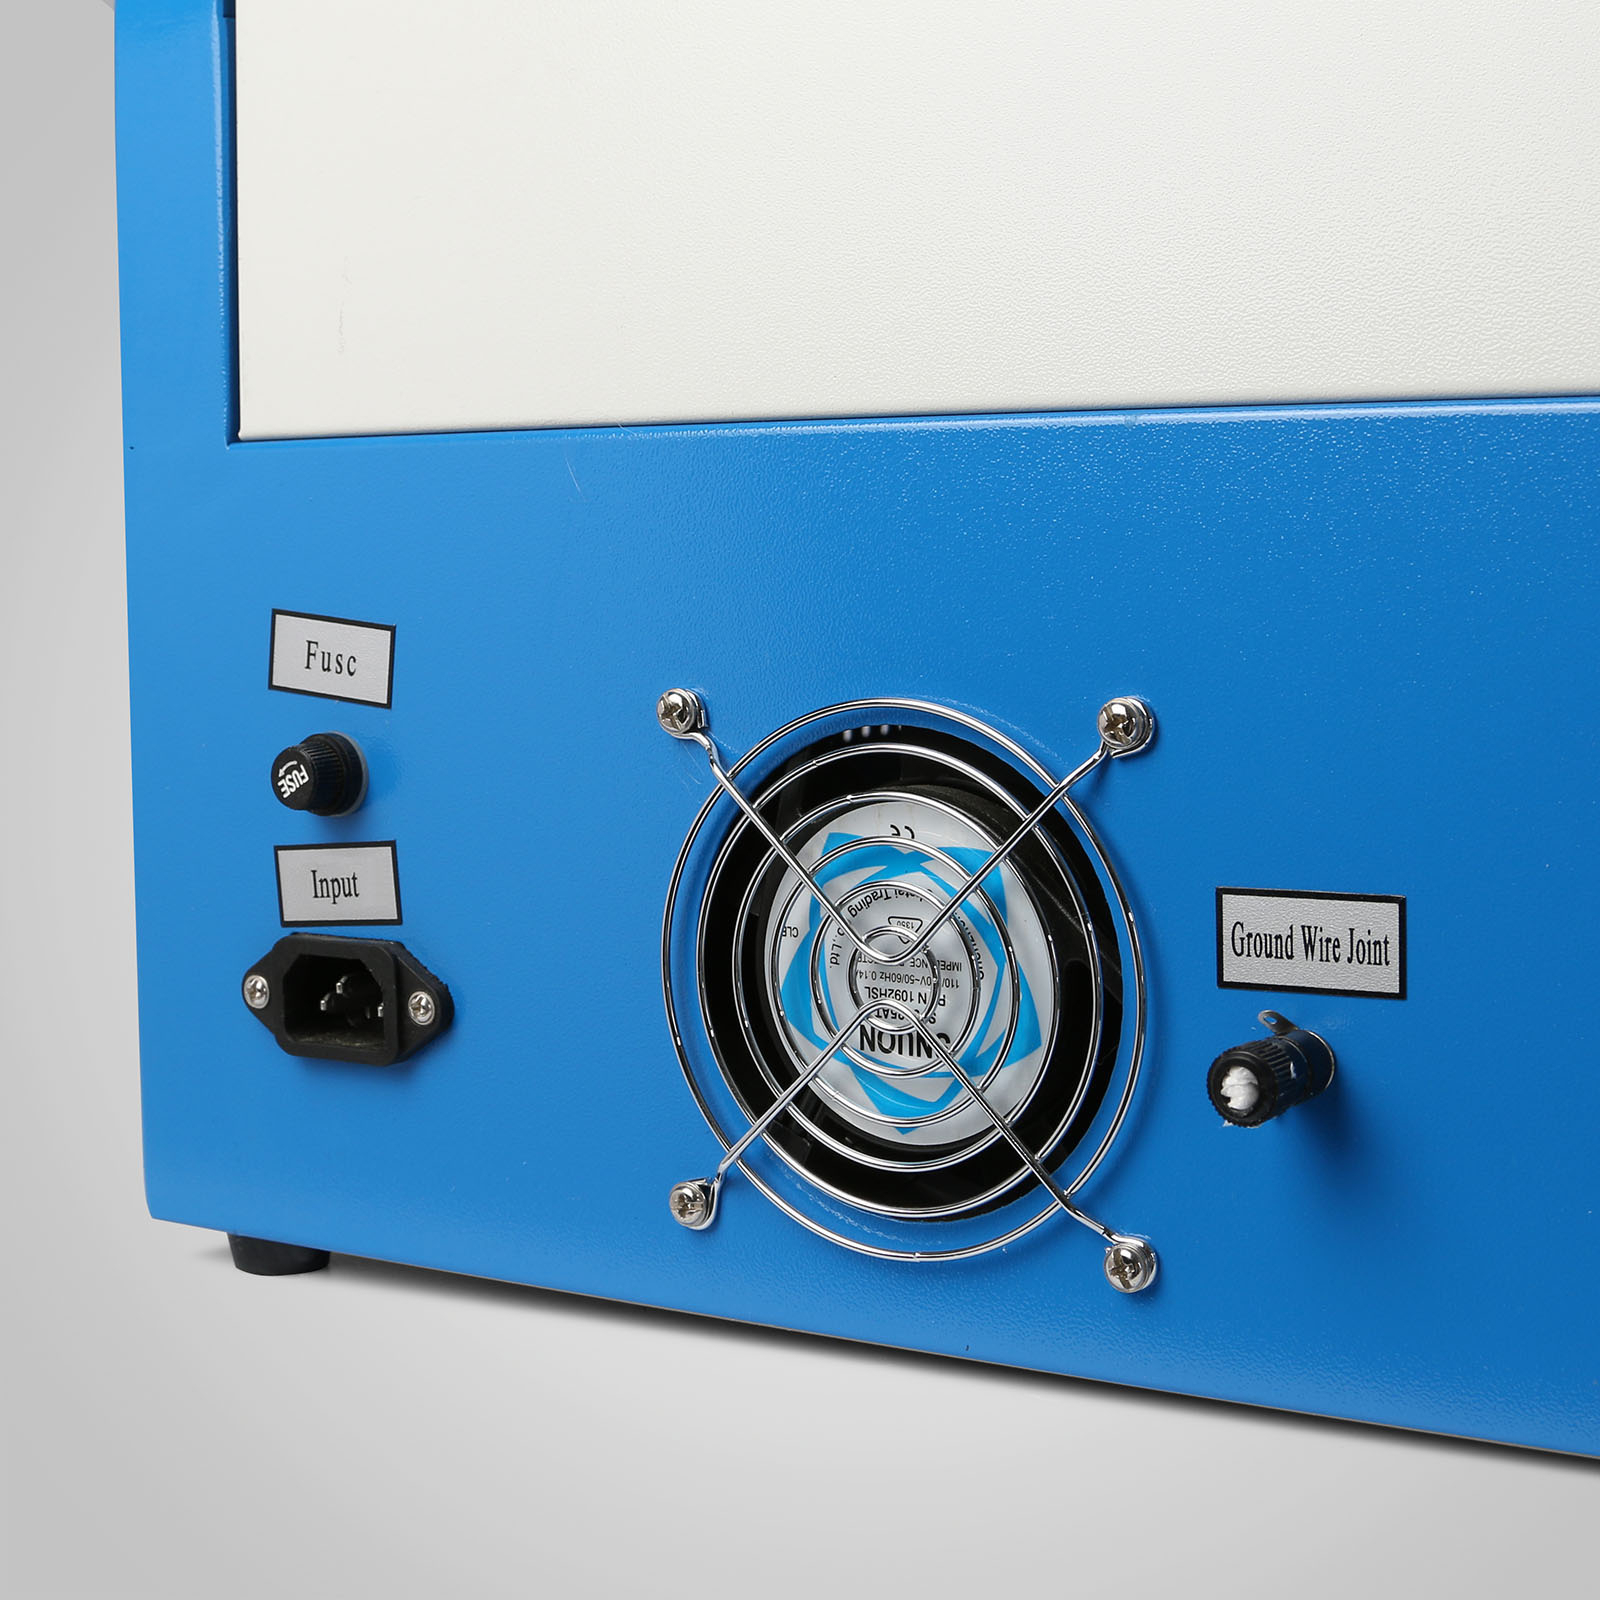 Обновленная высокоточная и высокая скорость третьего поколения CO2 лазерная m100-12.jpg